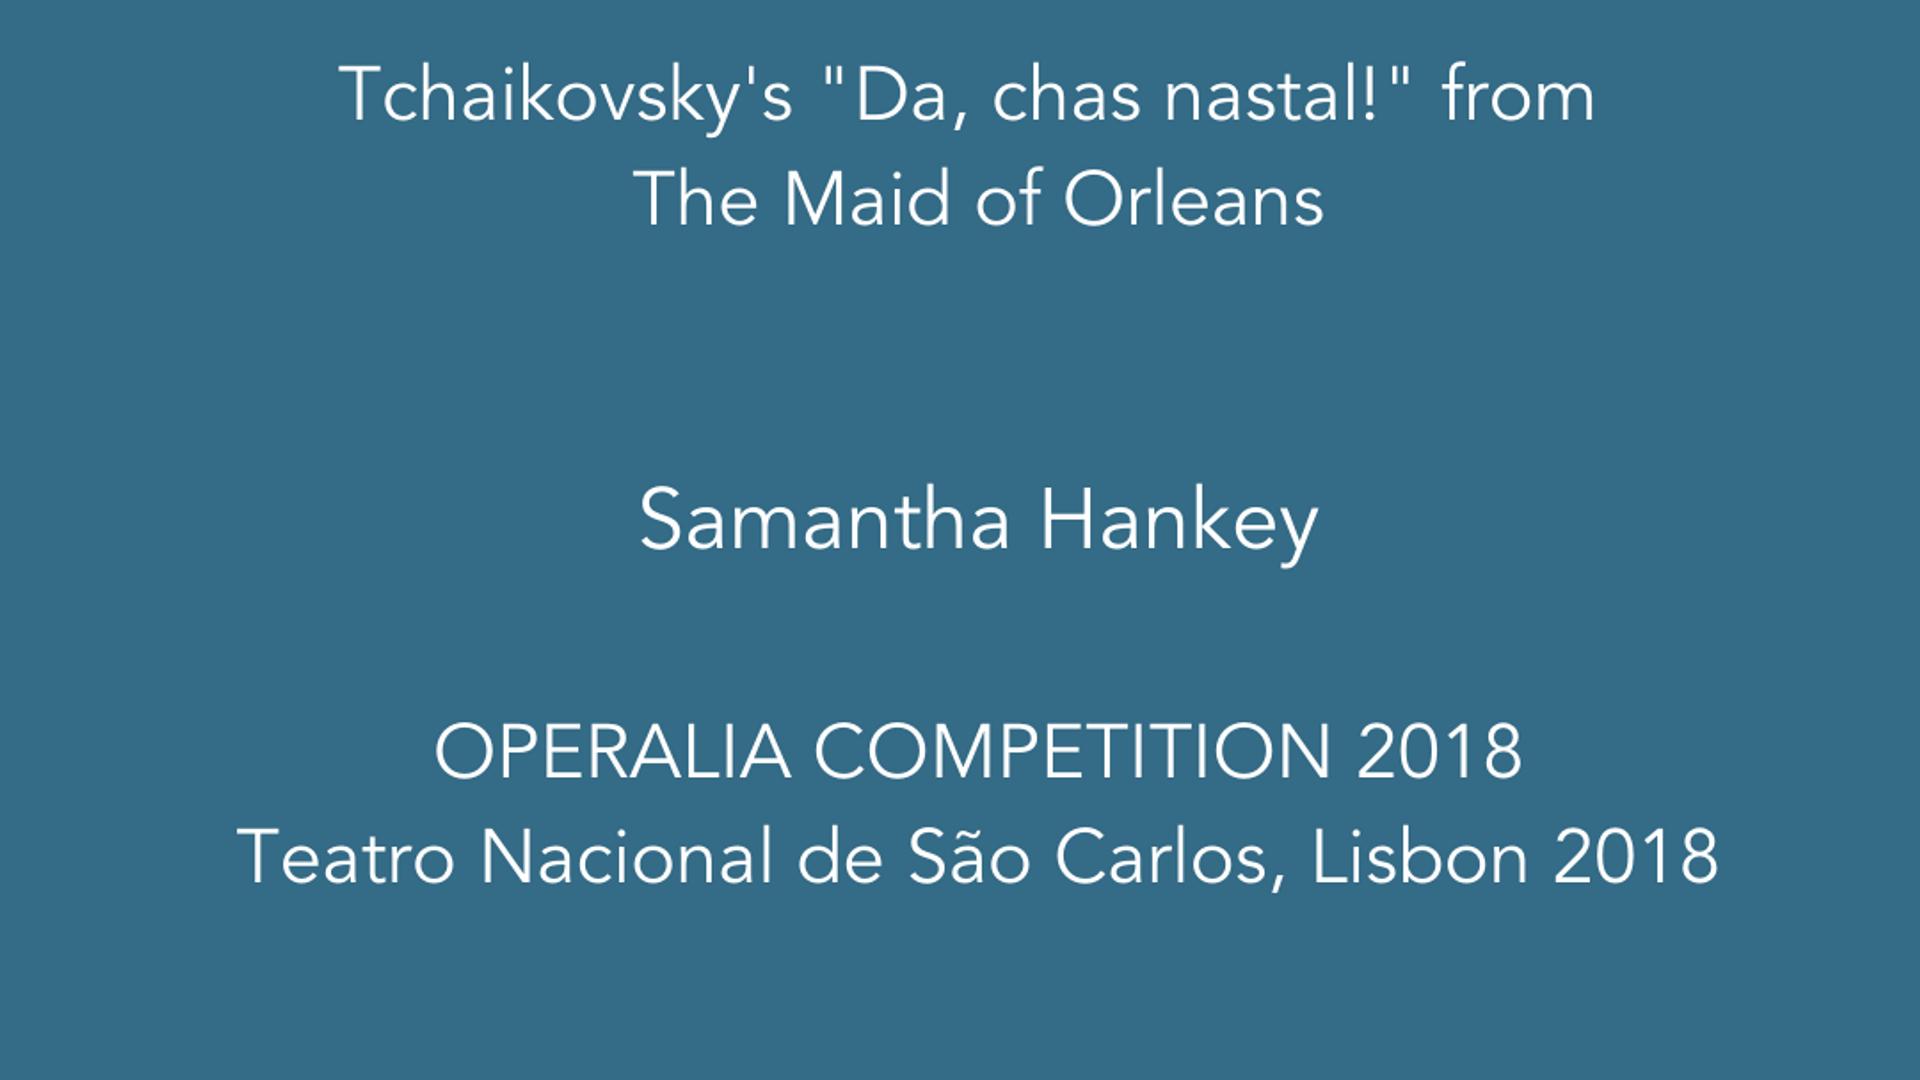 OPERALIA 2018, Teatro Nacional de São Carlos, Lisbon 2018